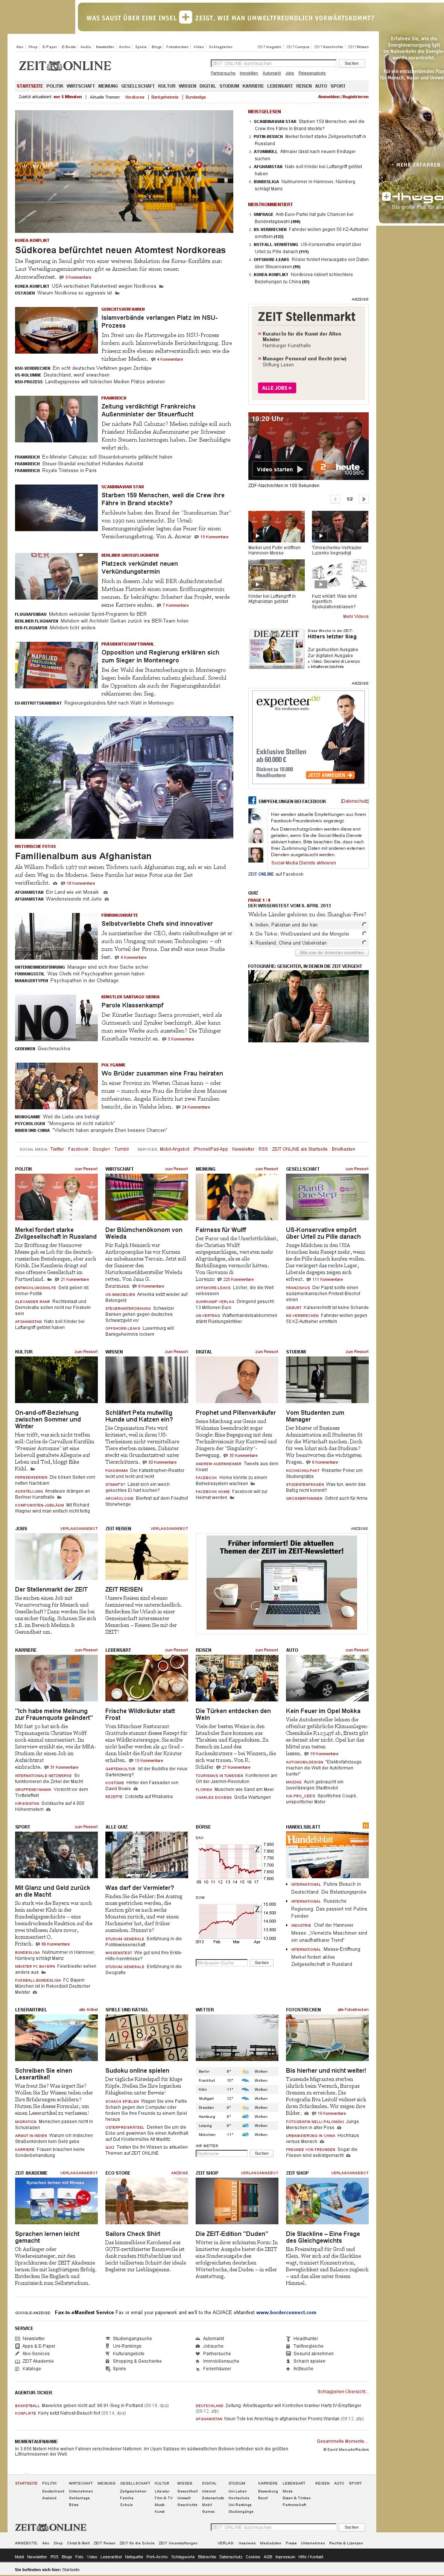 Zeit Online at Monday April 8, 2013, 6:25 a.m. UTC